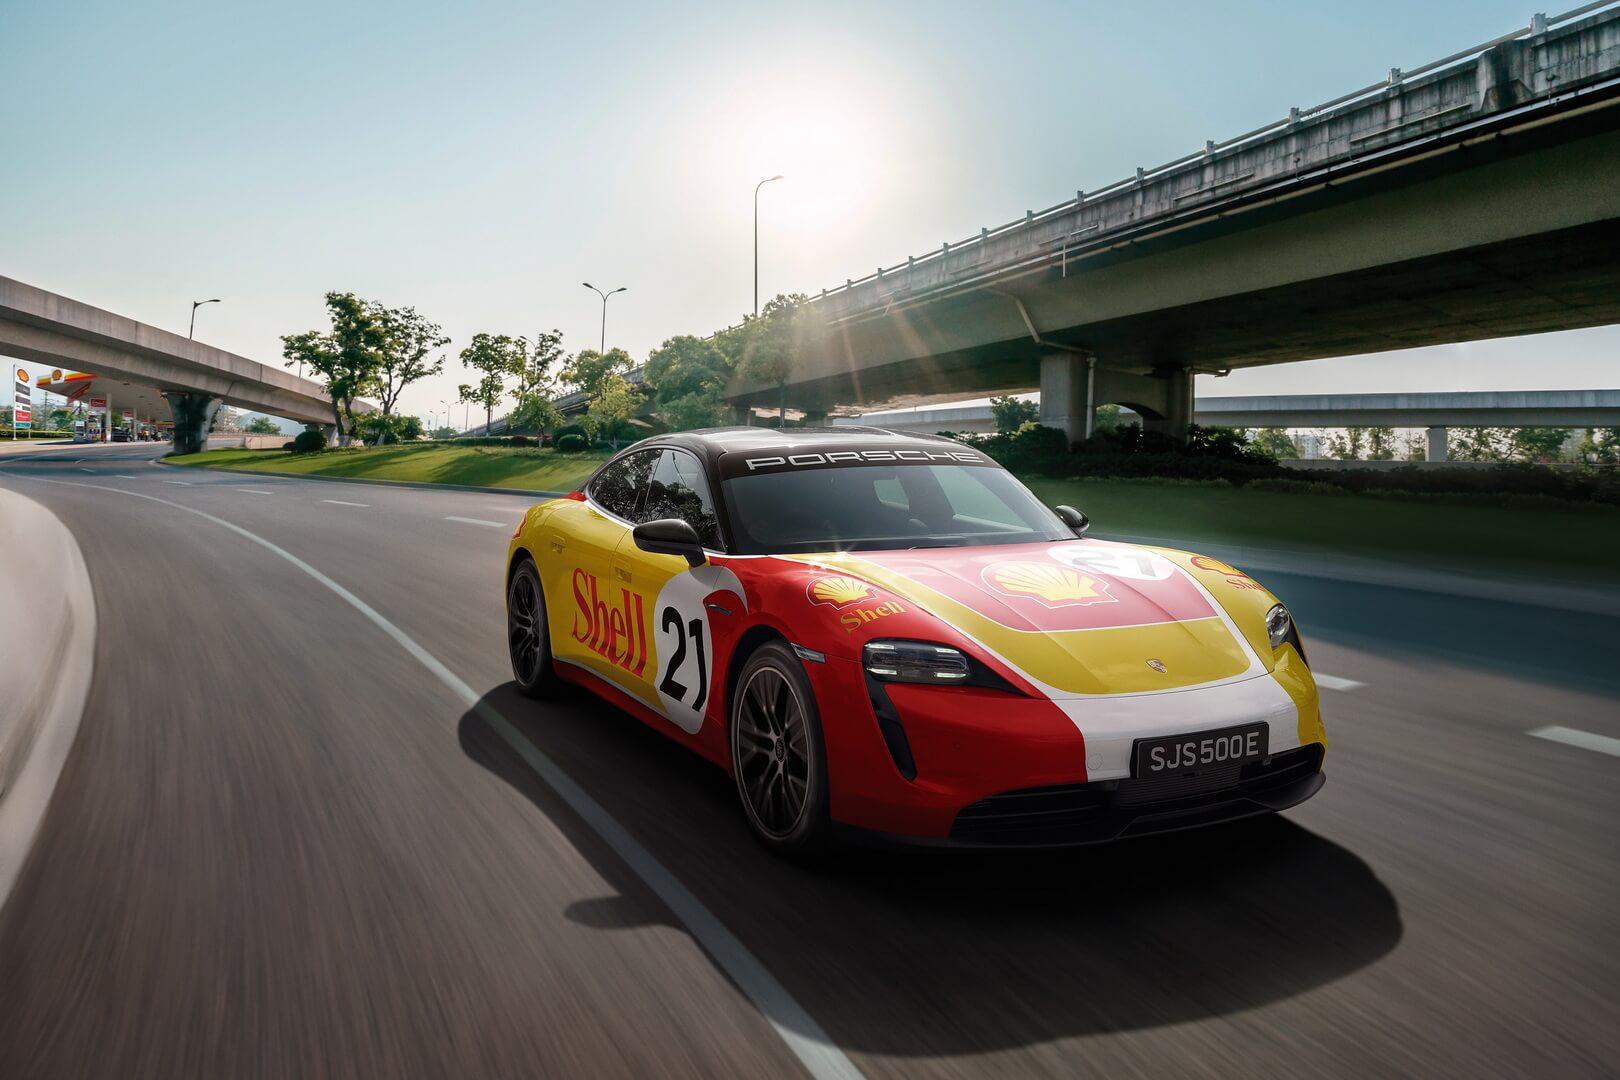 Высокопроизводительная сеть зарядки для электромобилей обеспечит удобные инадежные поездки наэлектромобиле между Сингапуром иМалайзией